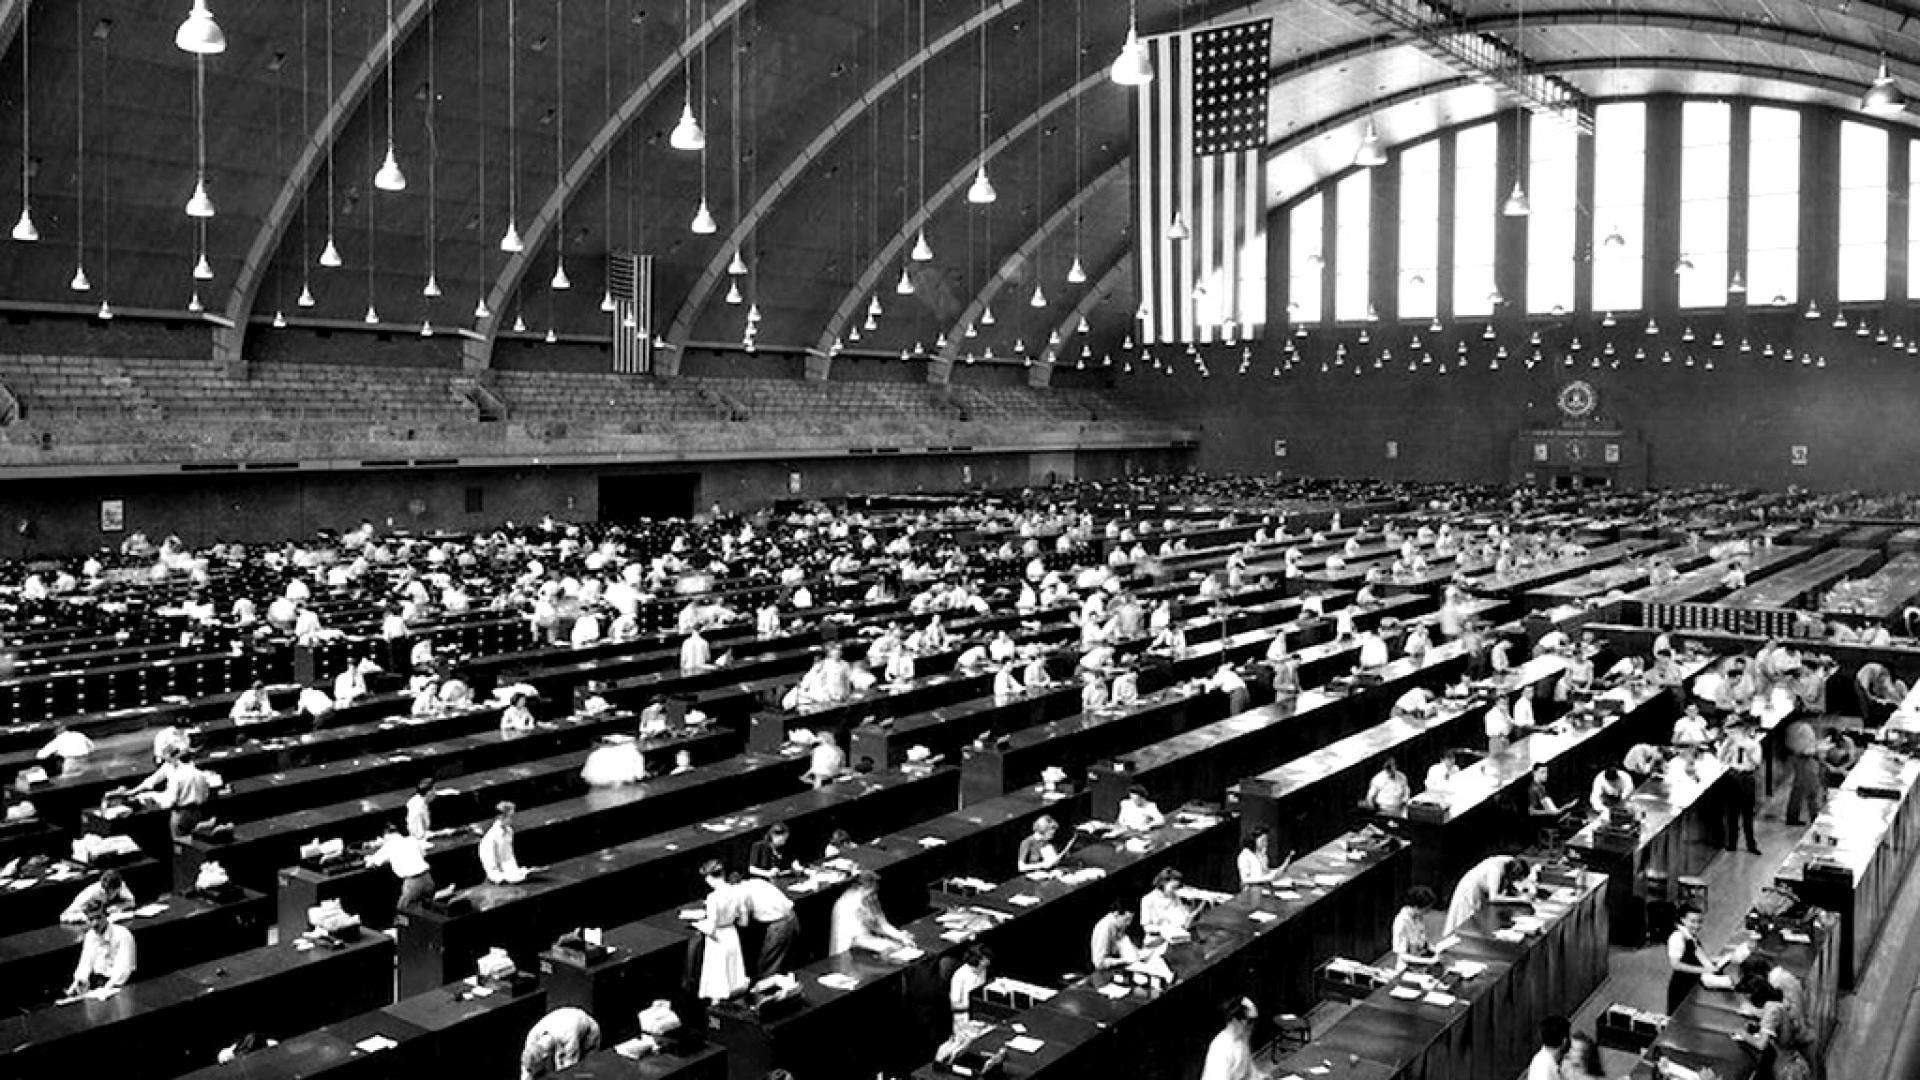 1944, САЩ: Мащабната база данни пръстови отпечатъци